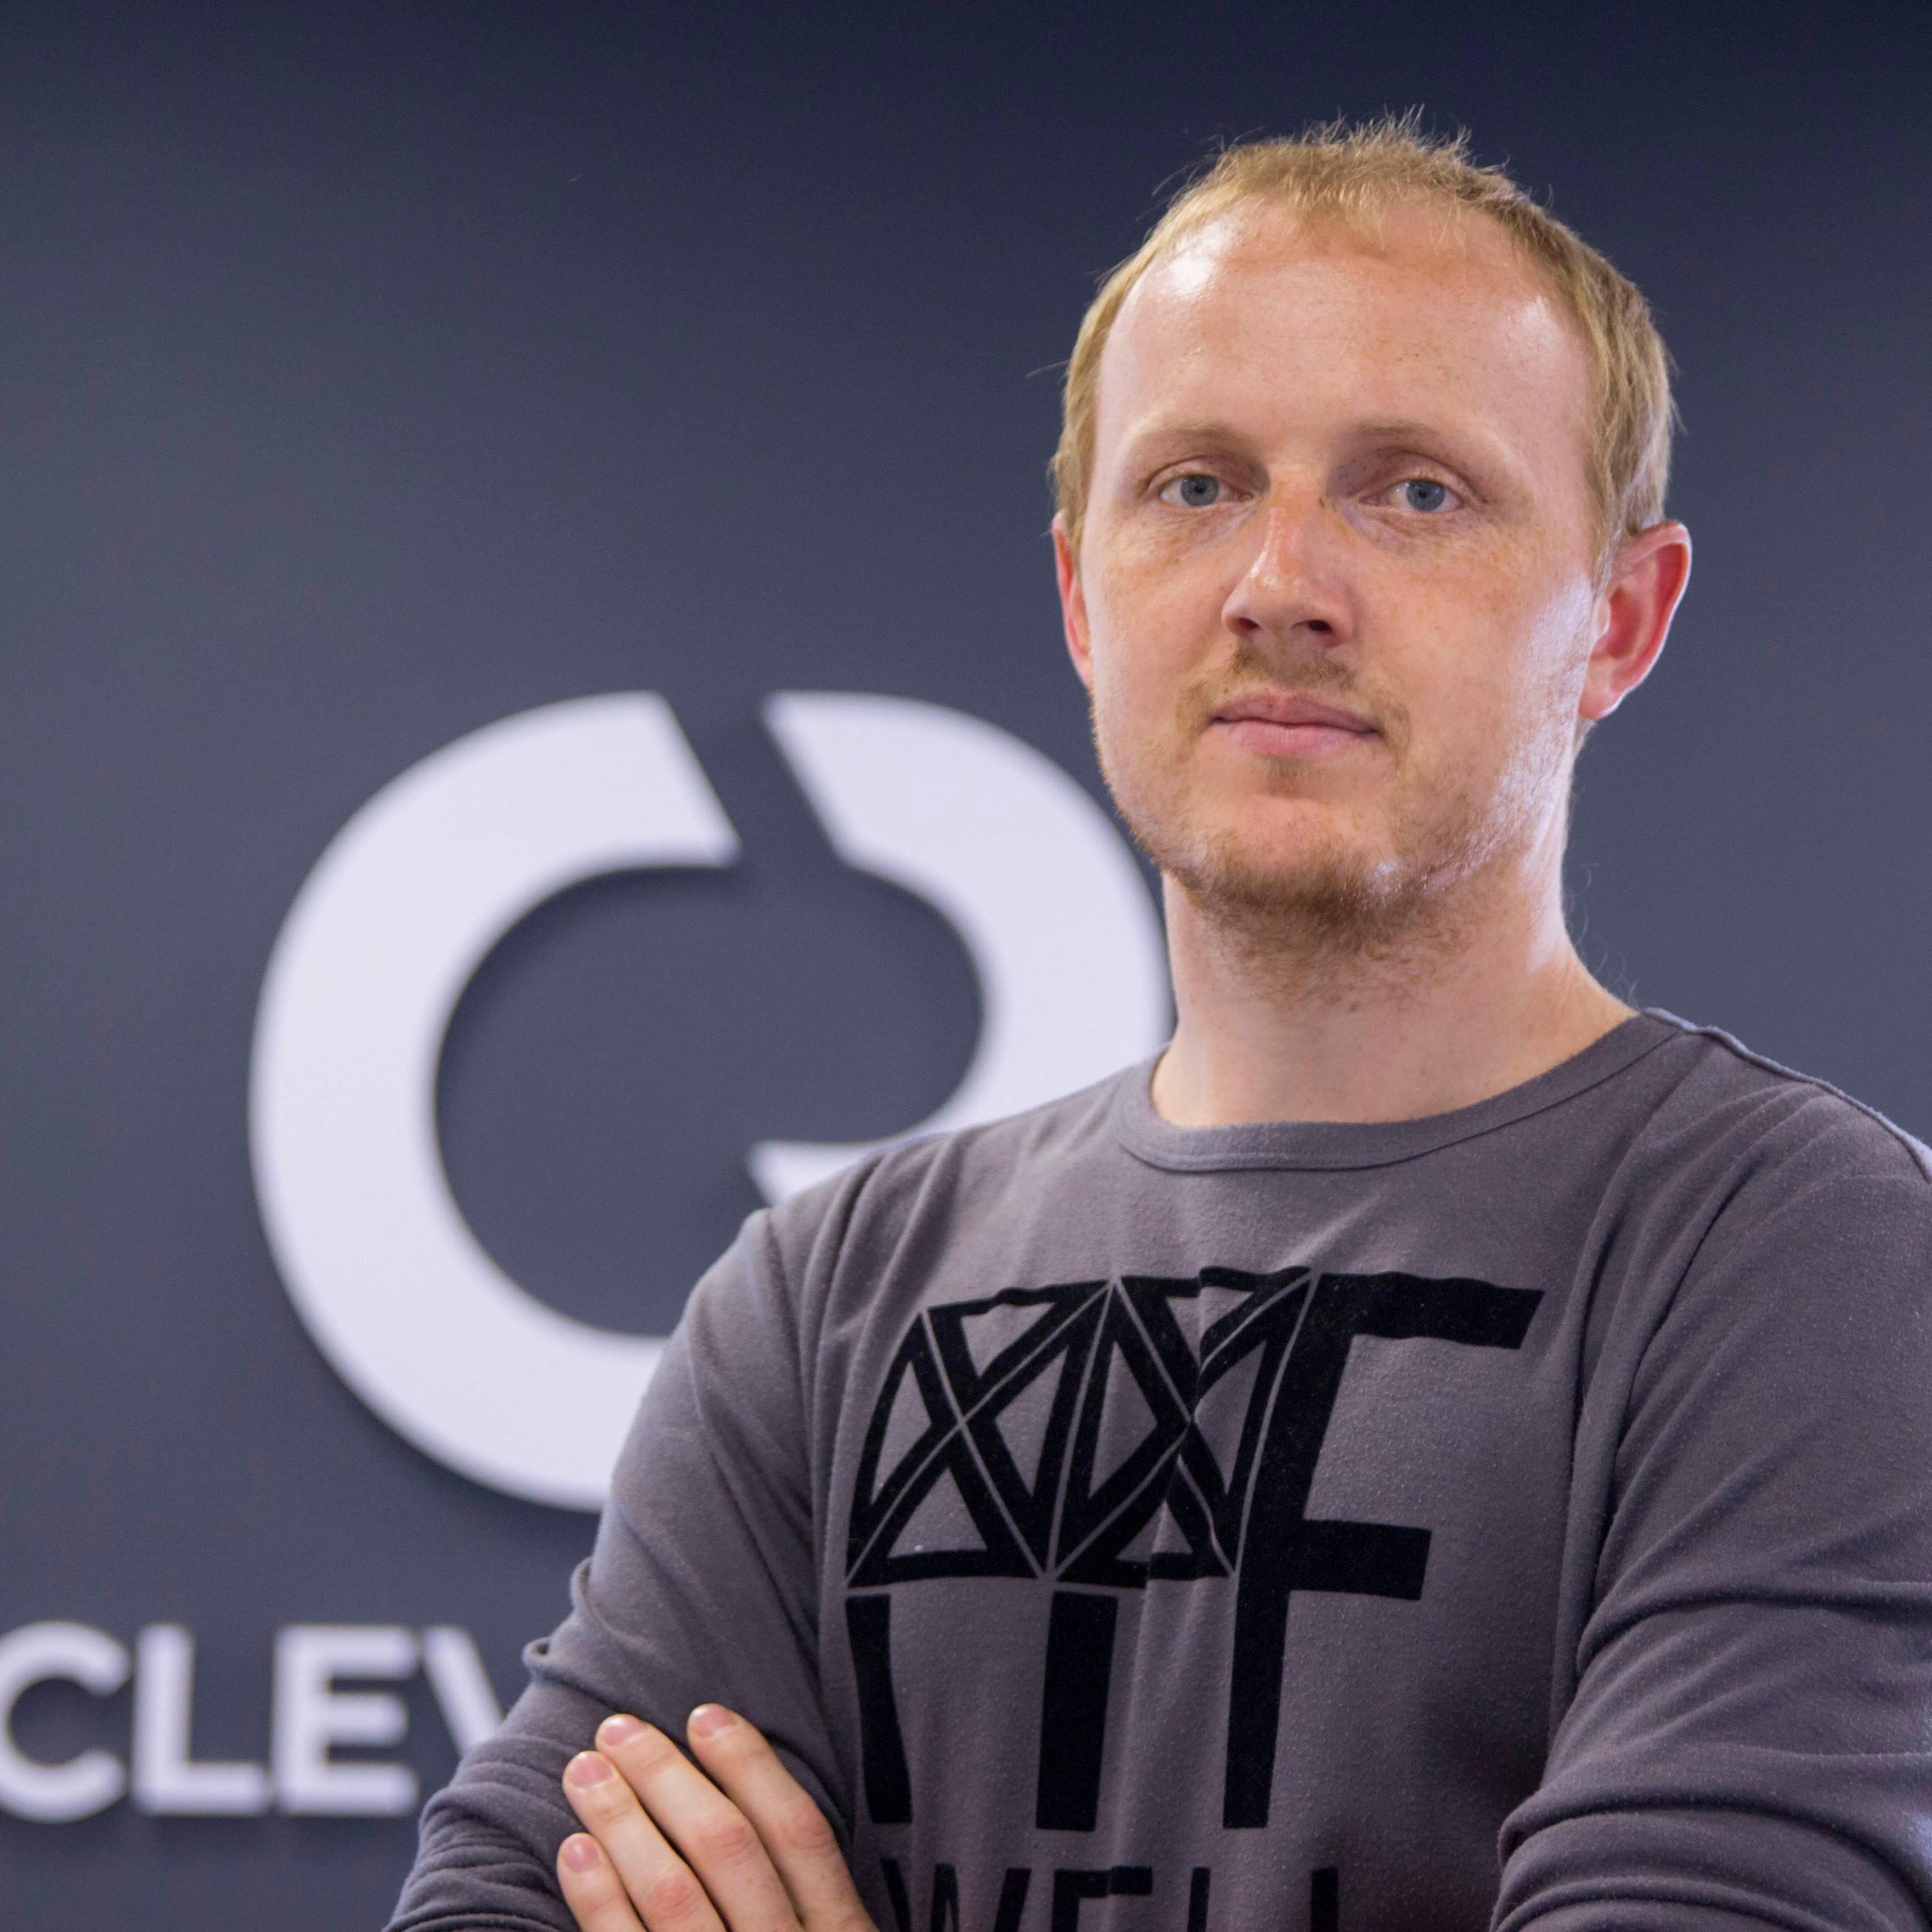 Andrey Derkach